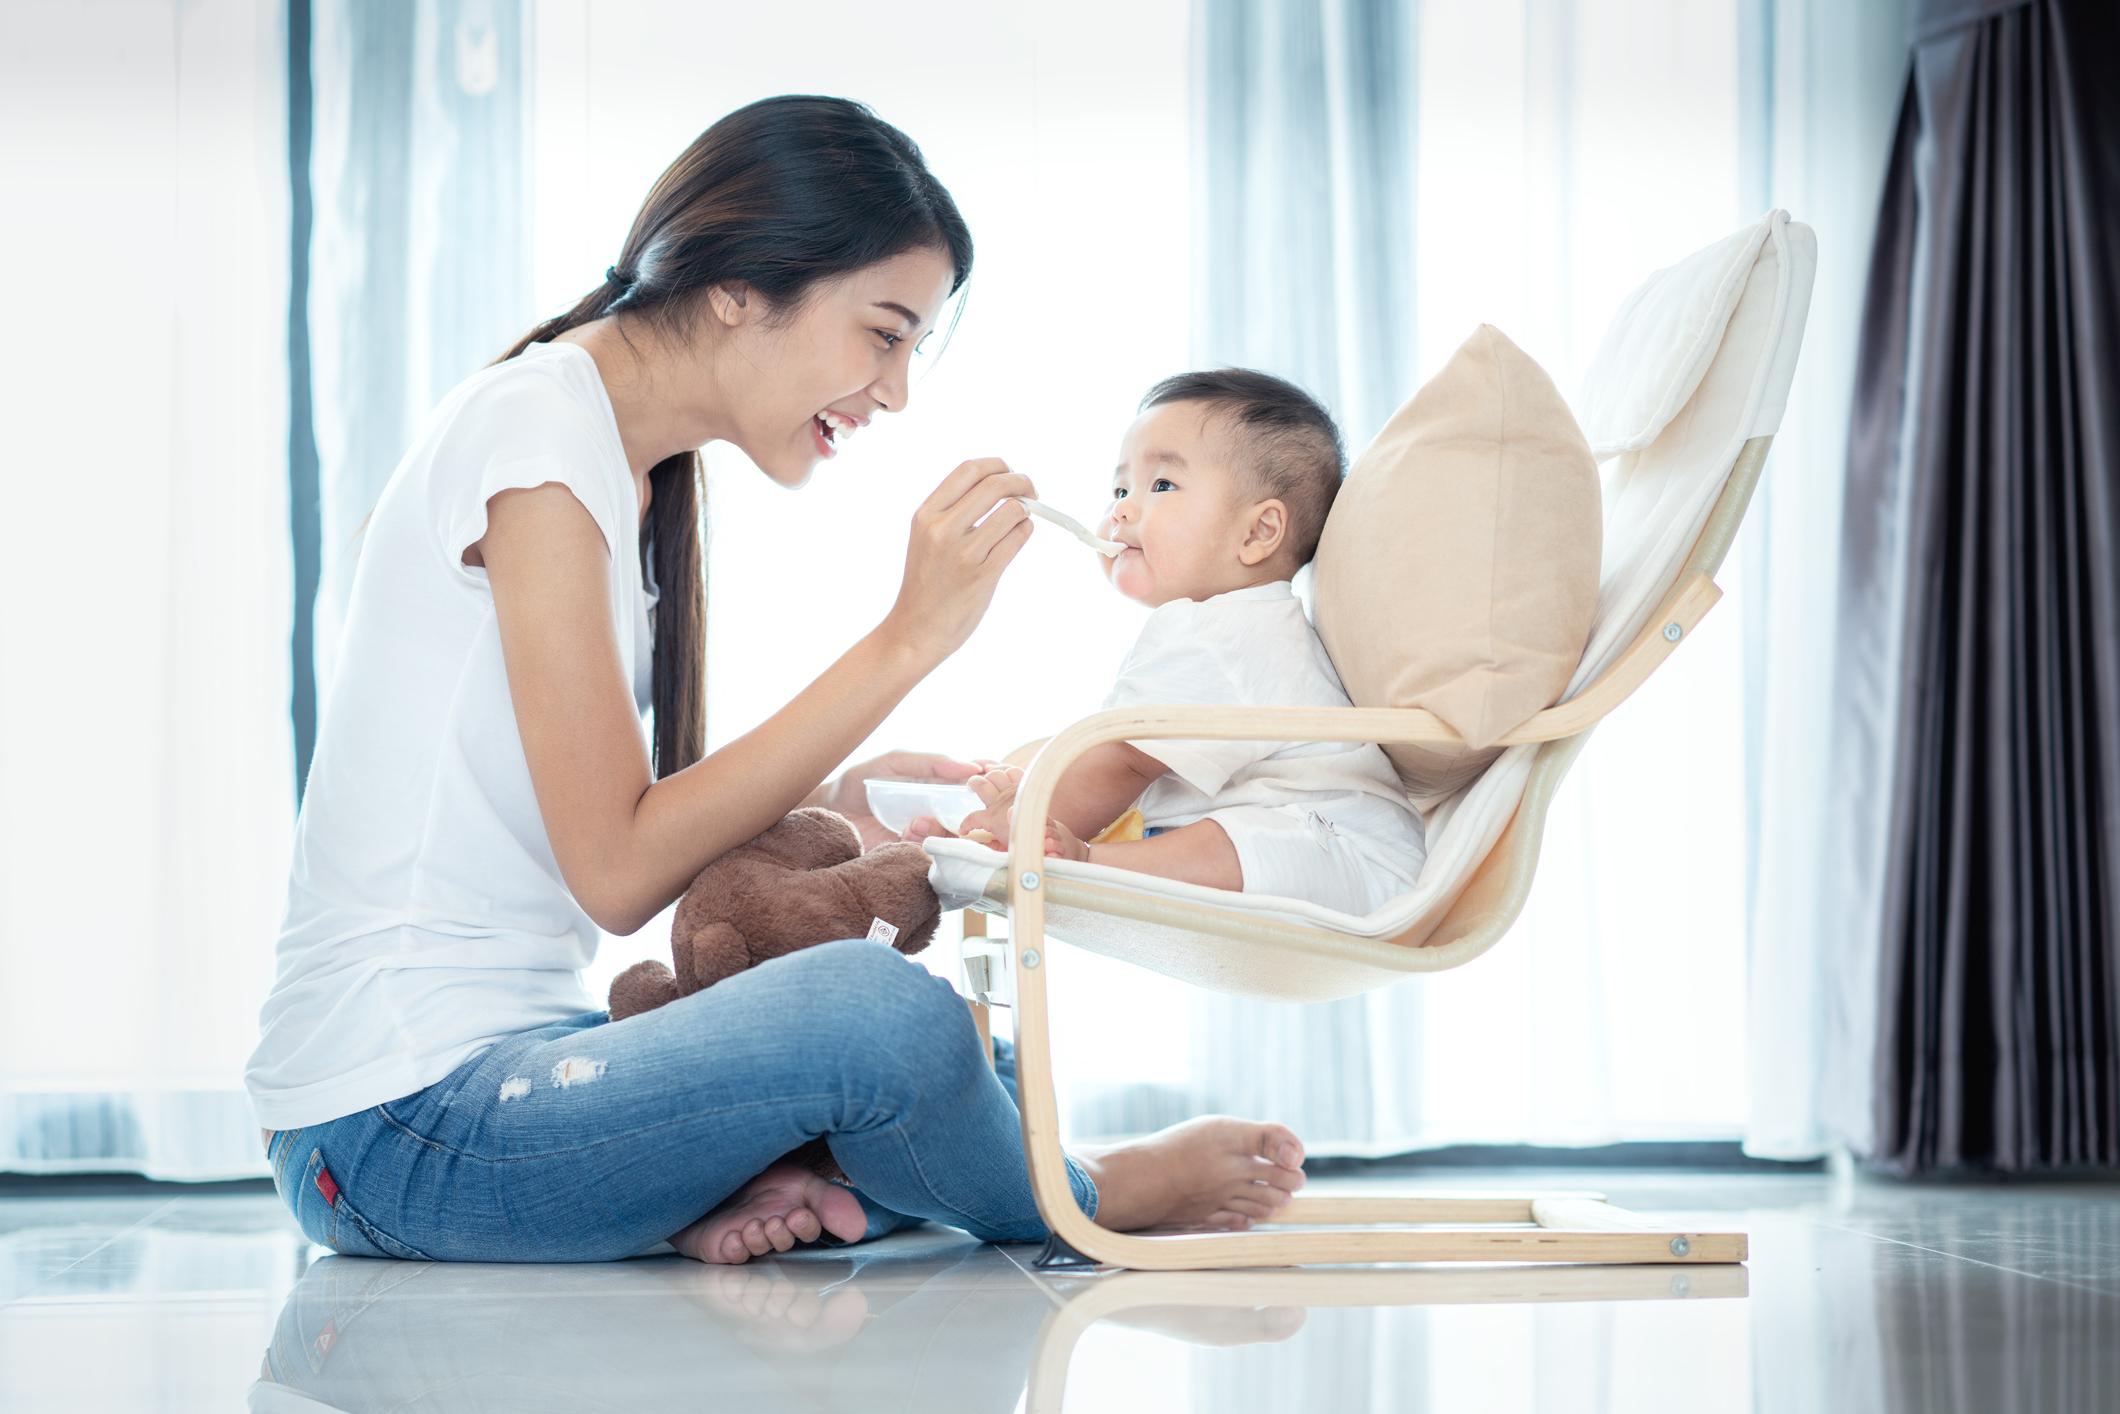 絕大多數成人都攜帶唇瘡疱疹病毒,因此不建議爸爸媽媽給新生BB嘴對嘴親吻,或幫BB咀嚼食物再給他吃。